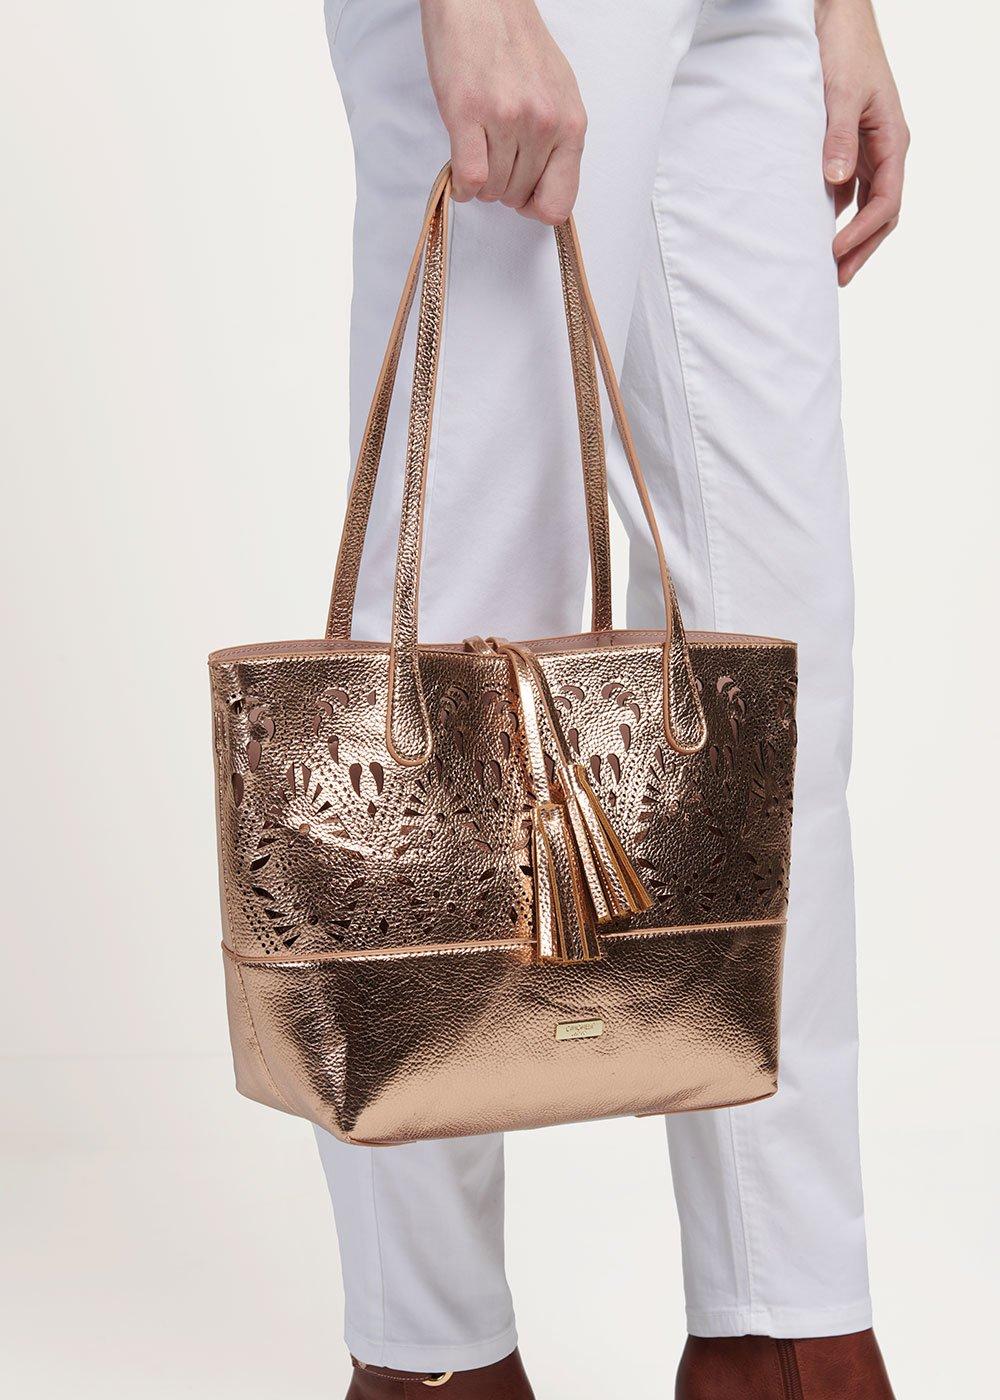 Goro gold rose bag